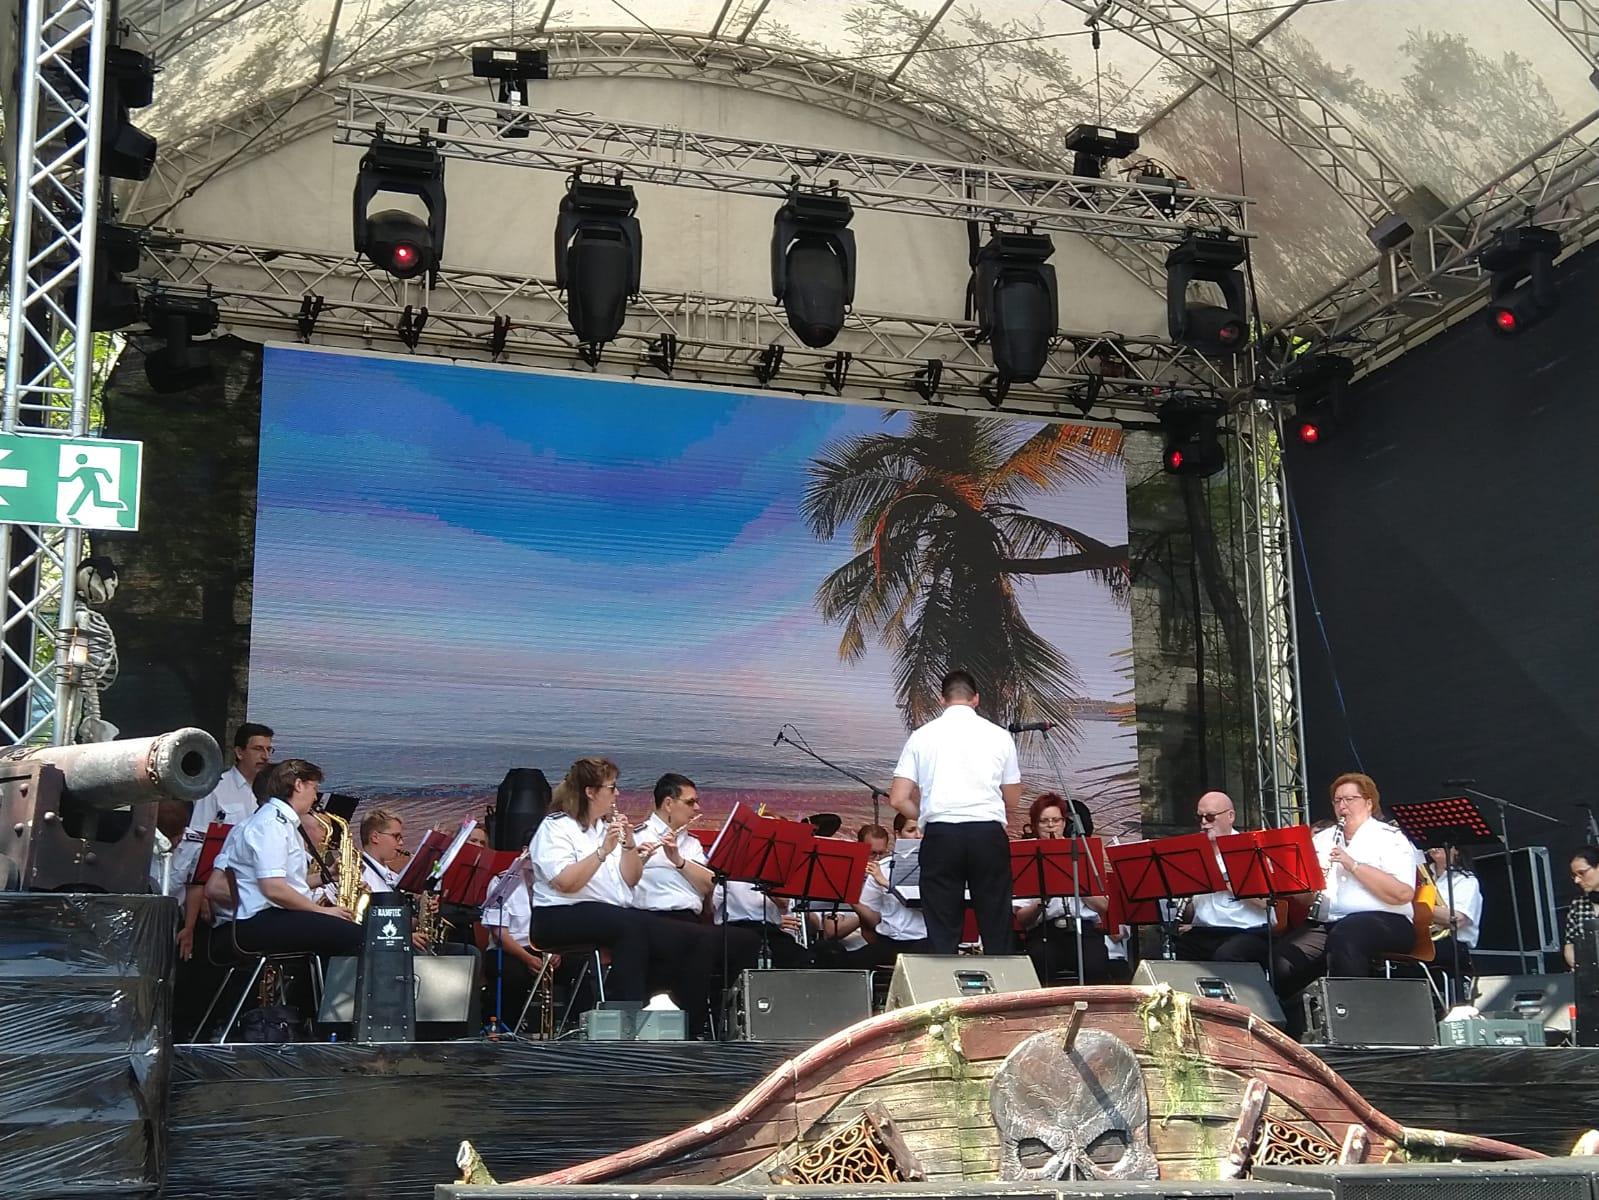 Zu Gast mit dem Orchester bei der Pirate World